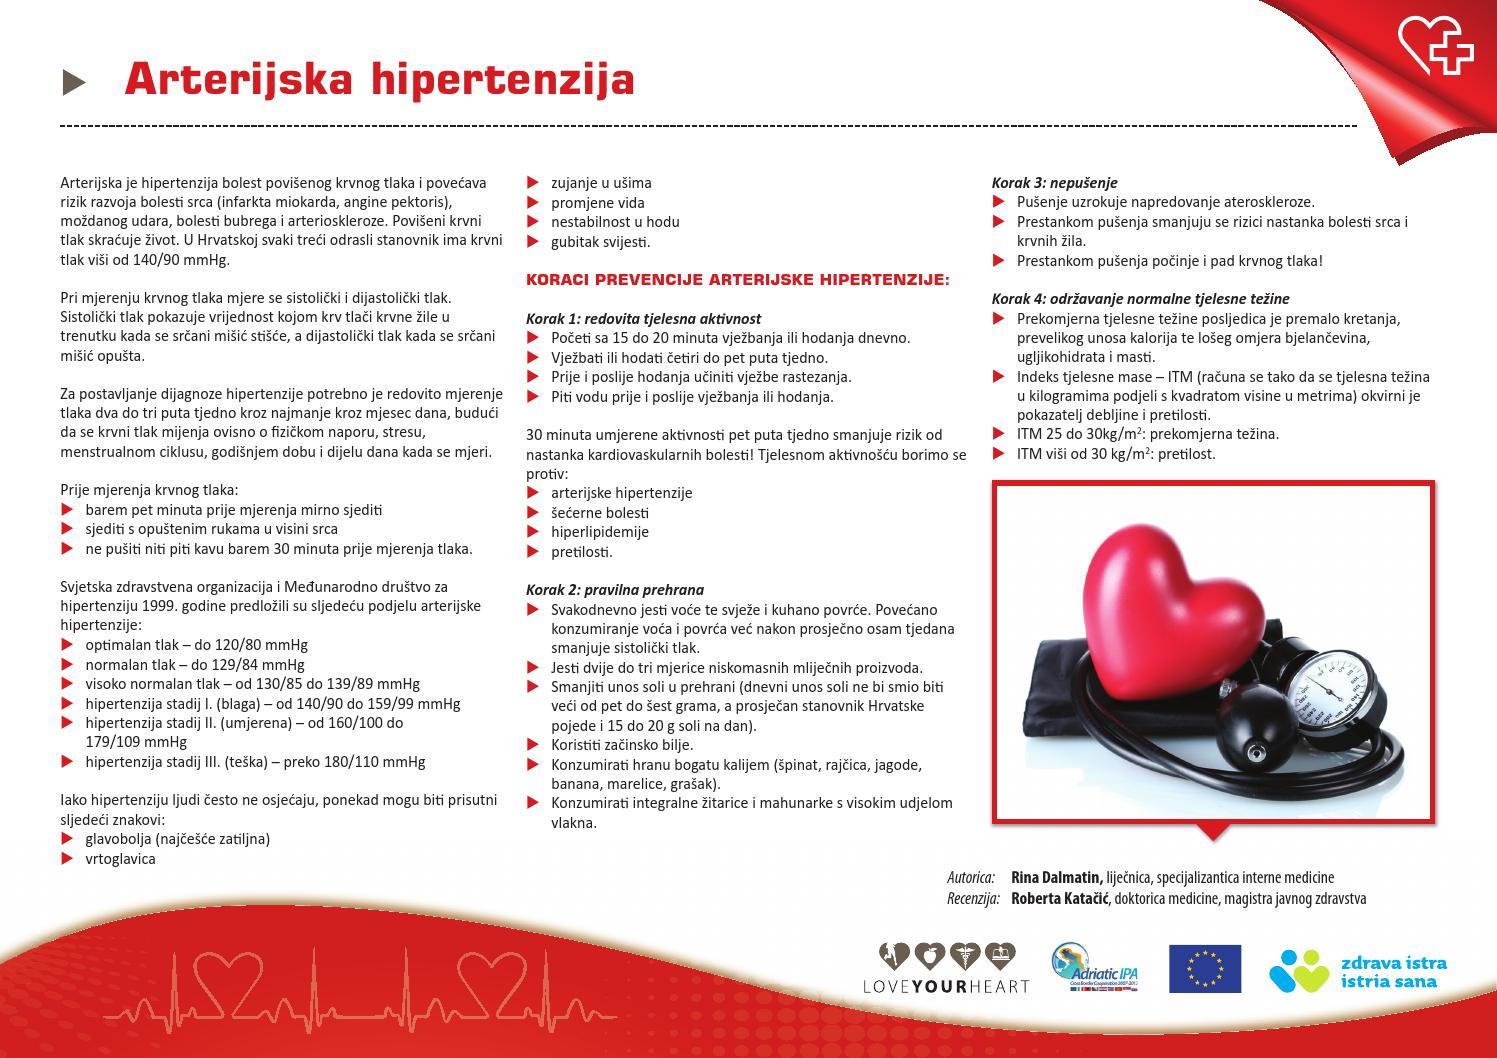 prirodni lijekovi za hipertenziju hipertenzija vlastite metode